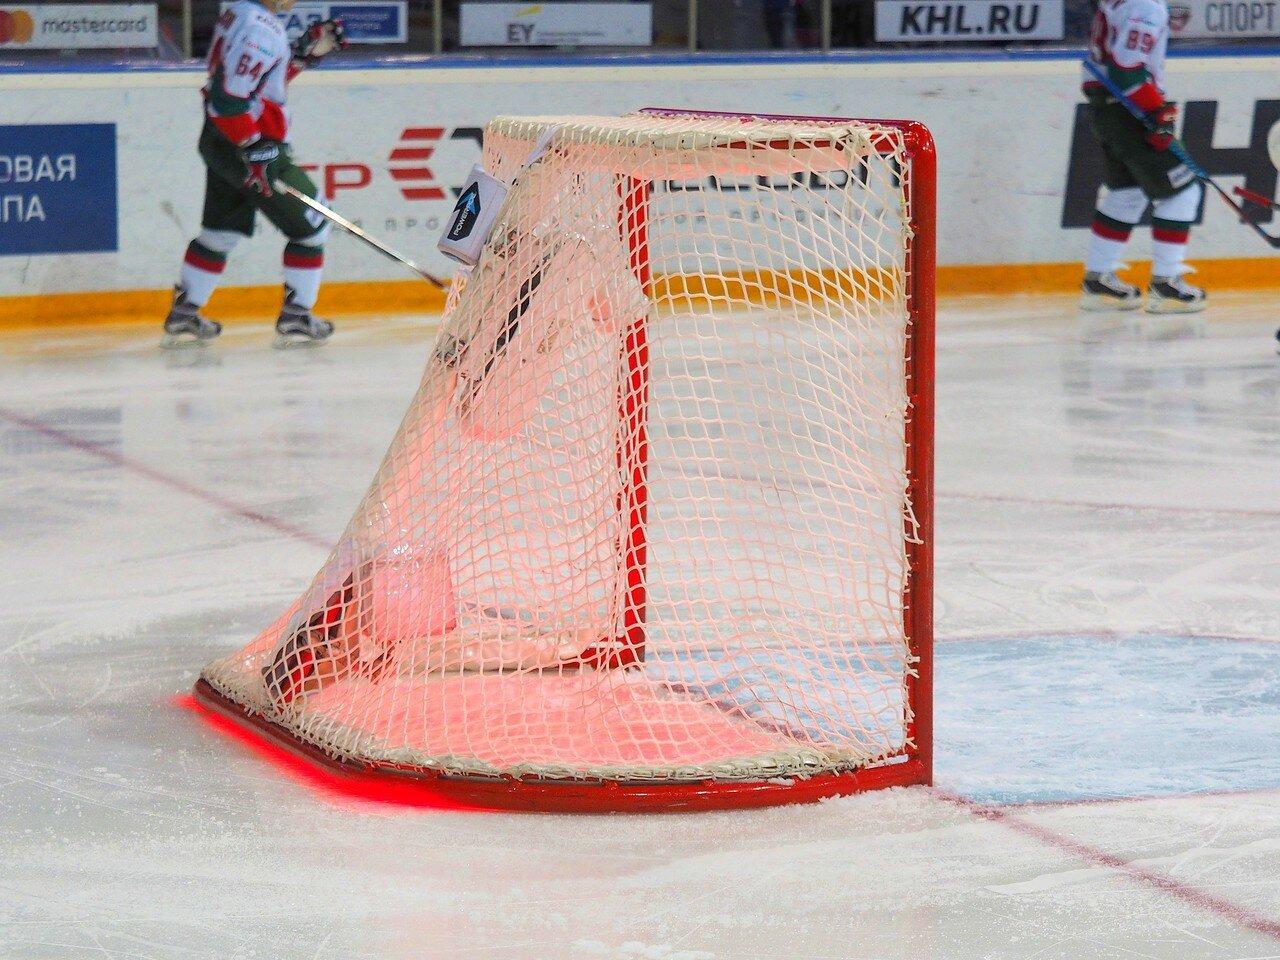 128 Первая игра финала плей-офф восточной конференции 2017 Металлург - АкБарс 24.03.2017